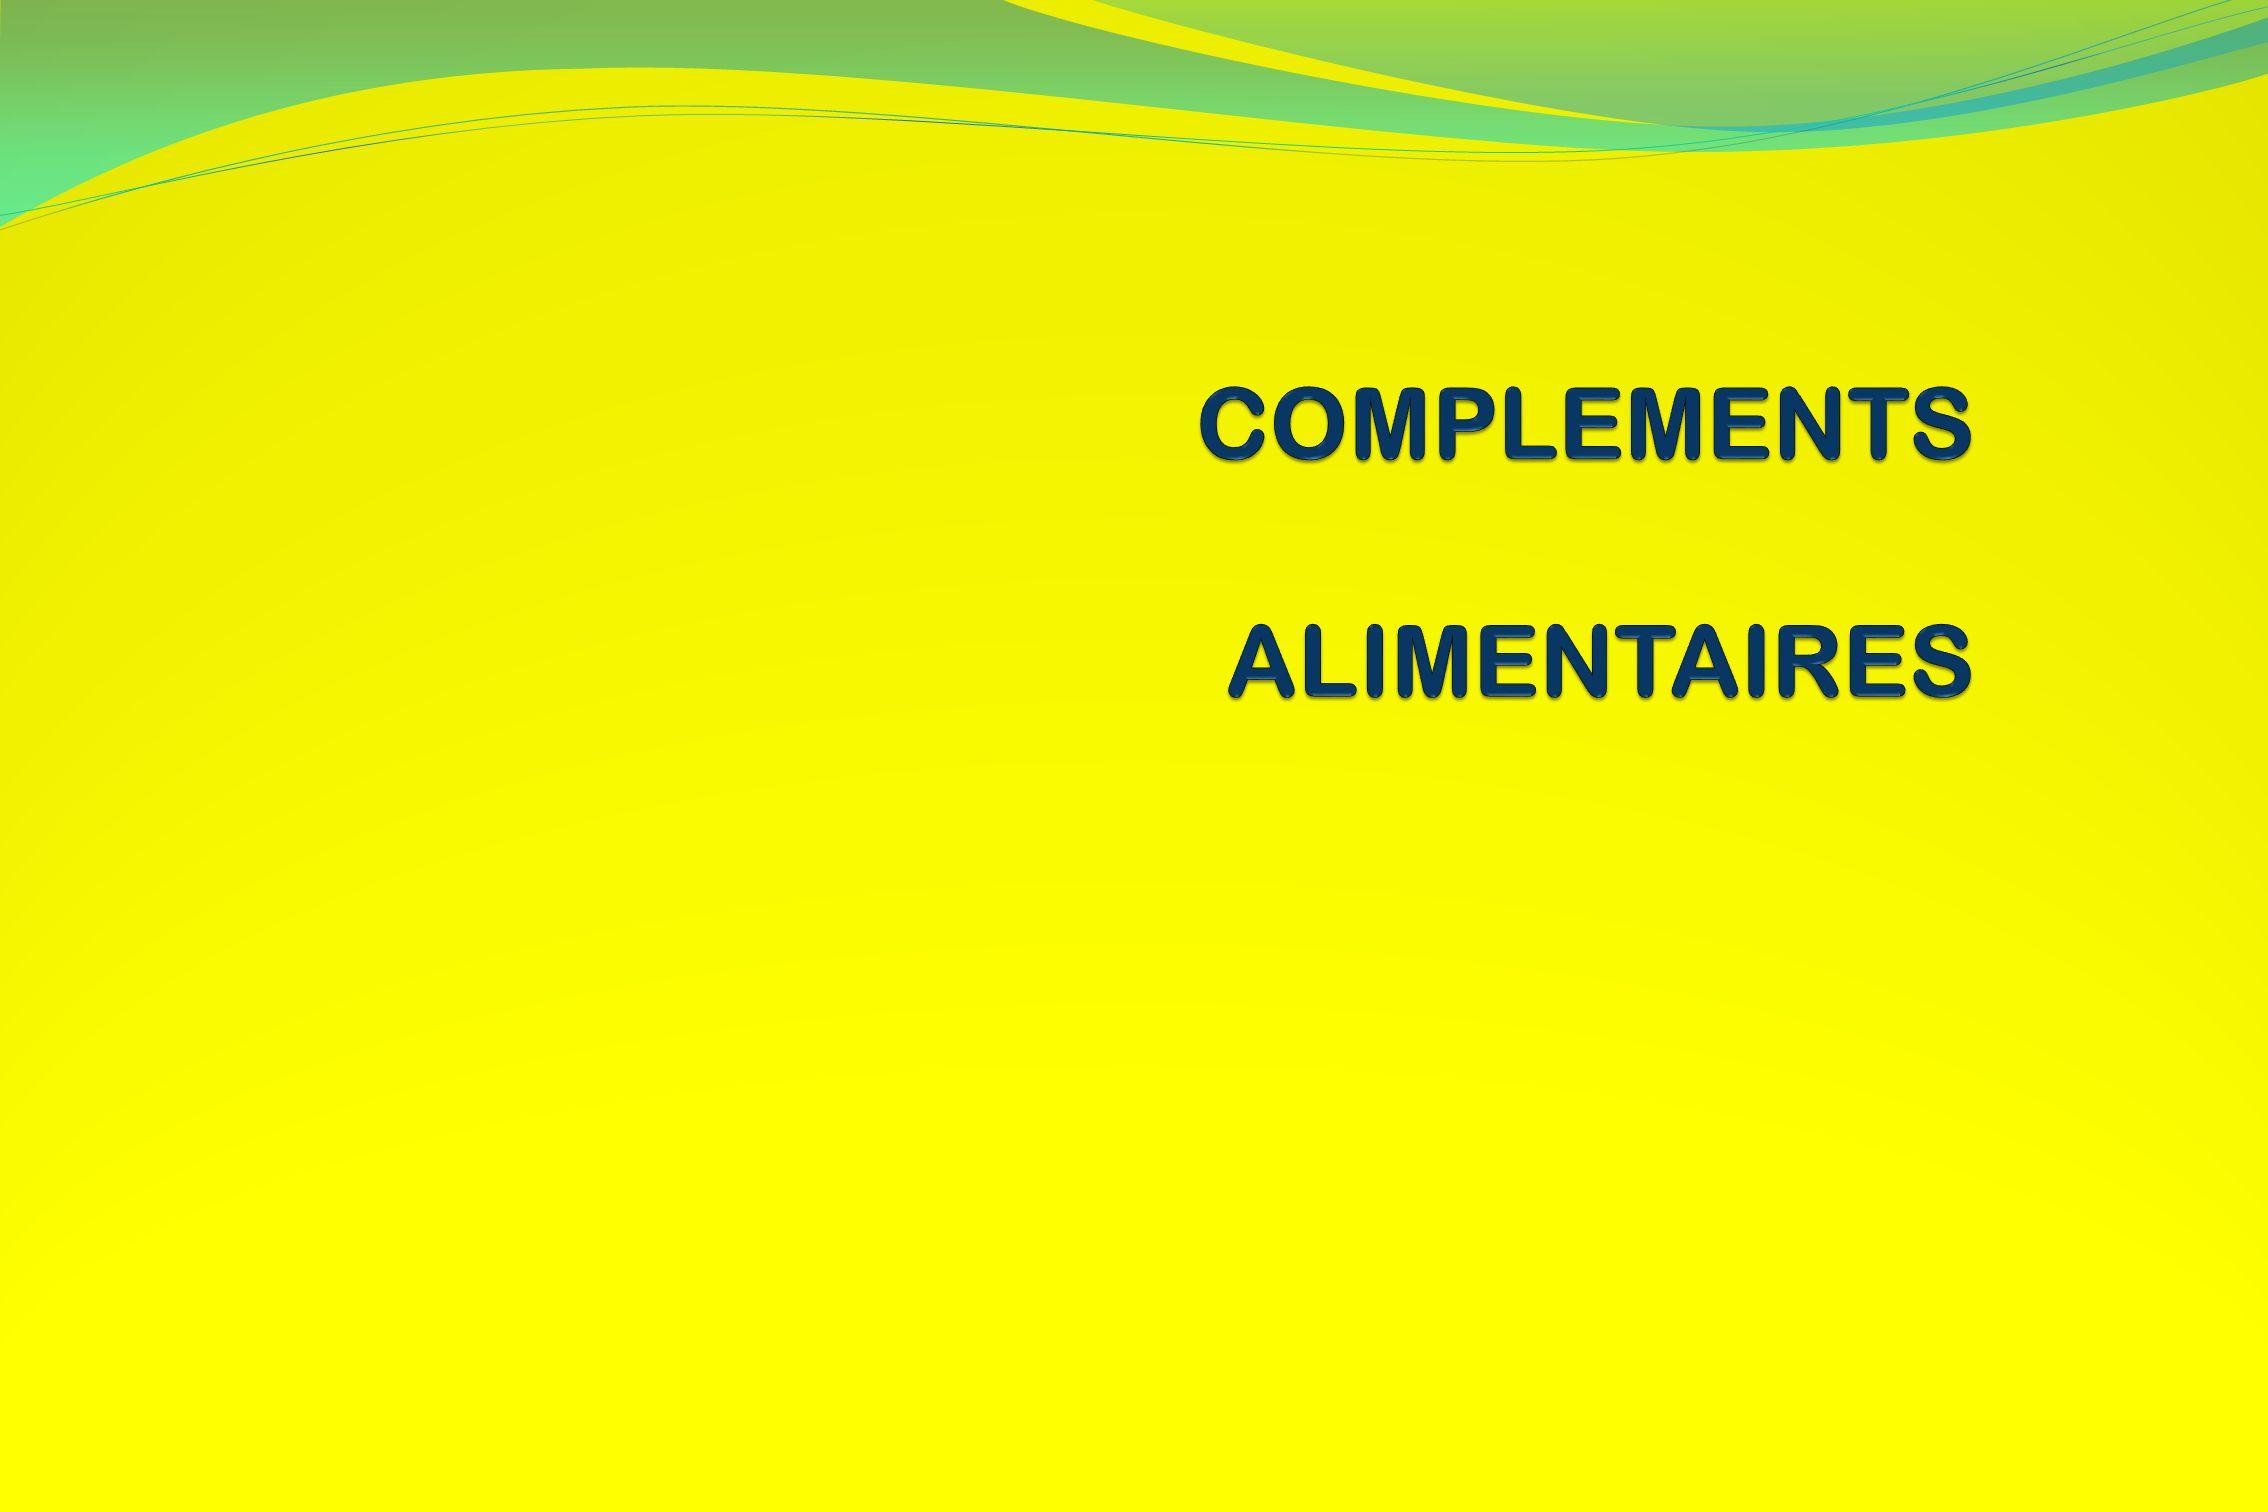 ARCTIC-SEA COMPOSITION : 750 mg d huile de poisson des mers froides (dont 225 mg de EPA et 150 mg de DHA, 250 mg d huile d olive, Vitamine E FORME ET PRESENTATION : G é lules bo î te de 60 CONSEILLE POUR : Pr é venir les maladies cardio-vasculaires, hypertension pendant la grossesse L art é rioscl é rose (dilatation des vaisseaux sanguins pour r é duire ainsi infarctus et apoplexies), r é duction du taux de cholest é rol, r é pression, dysm é norrh é e, rhumatisme.